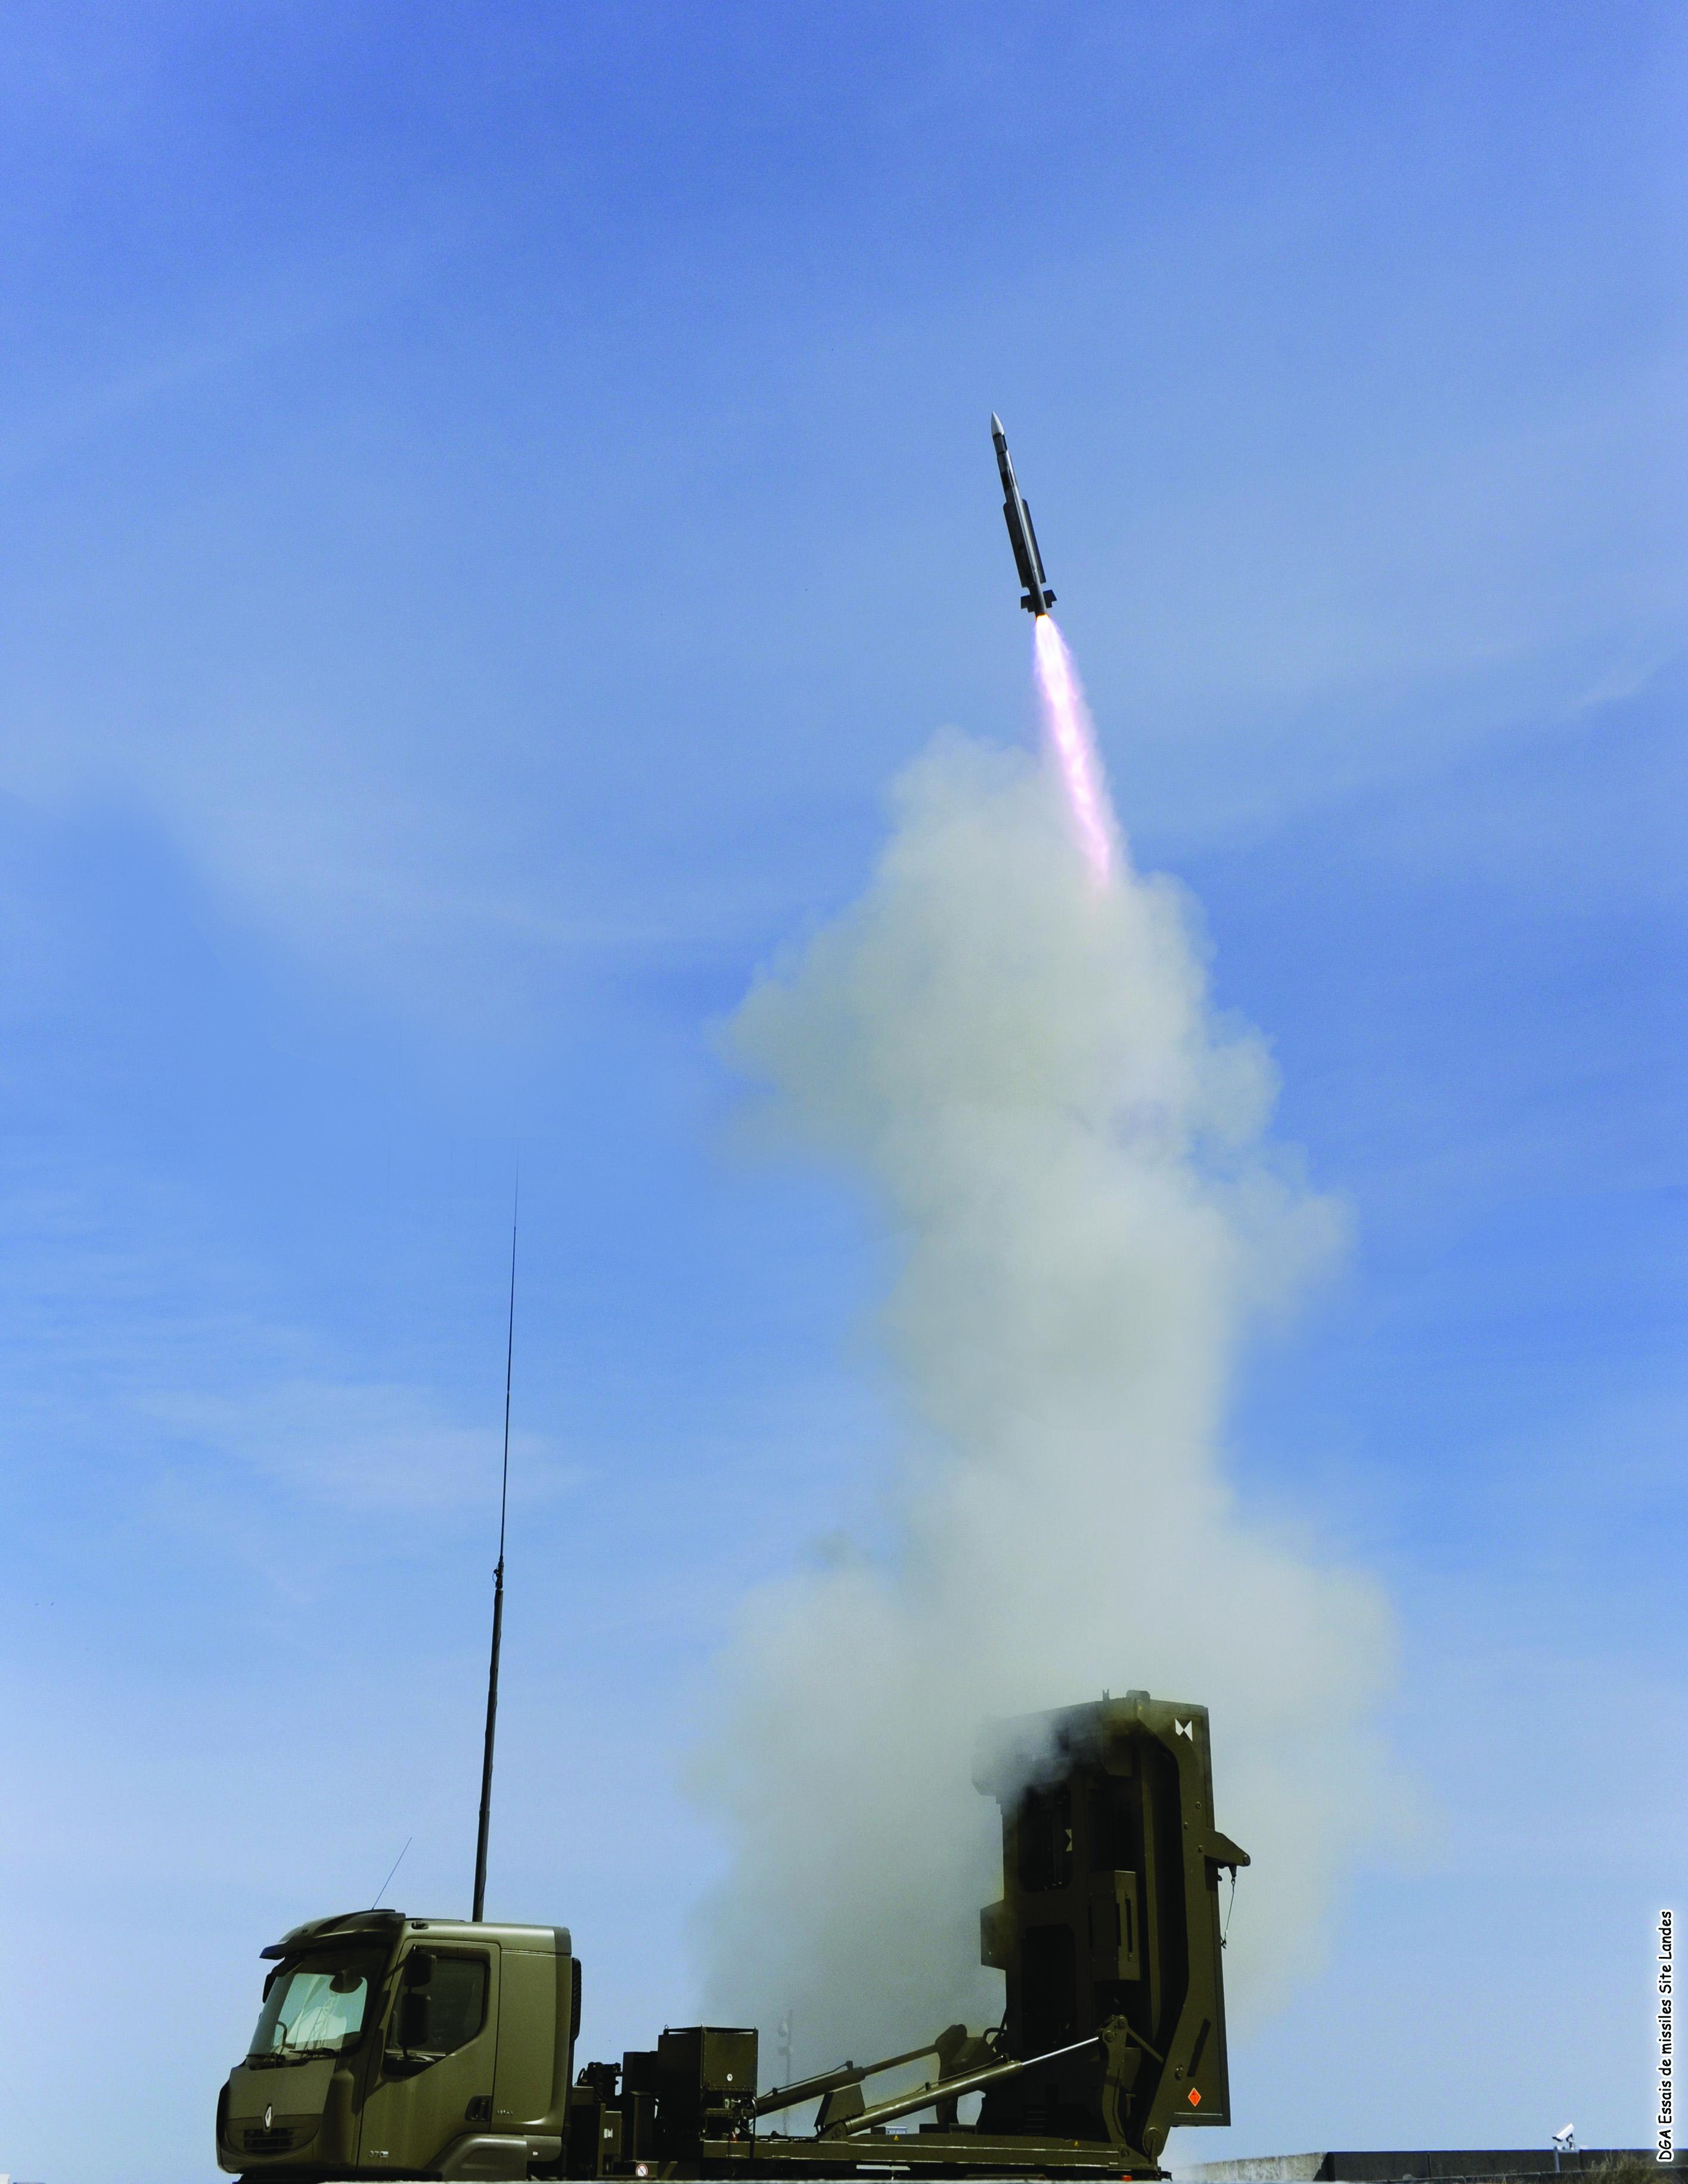 VL Mica firing